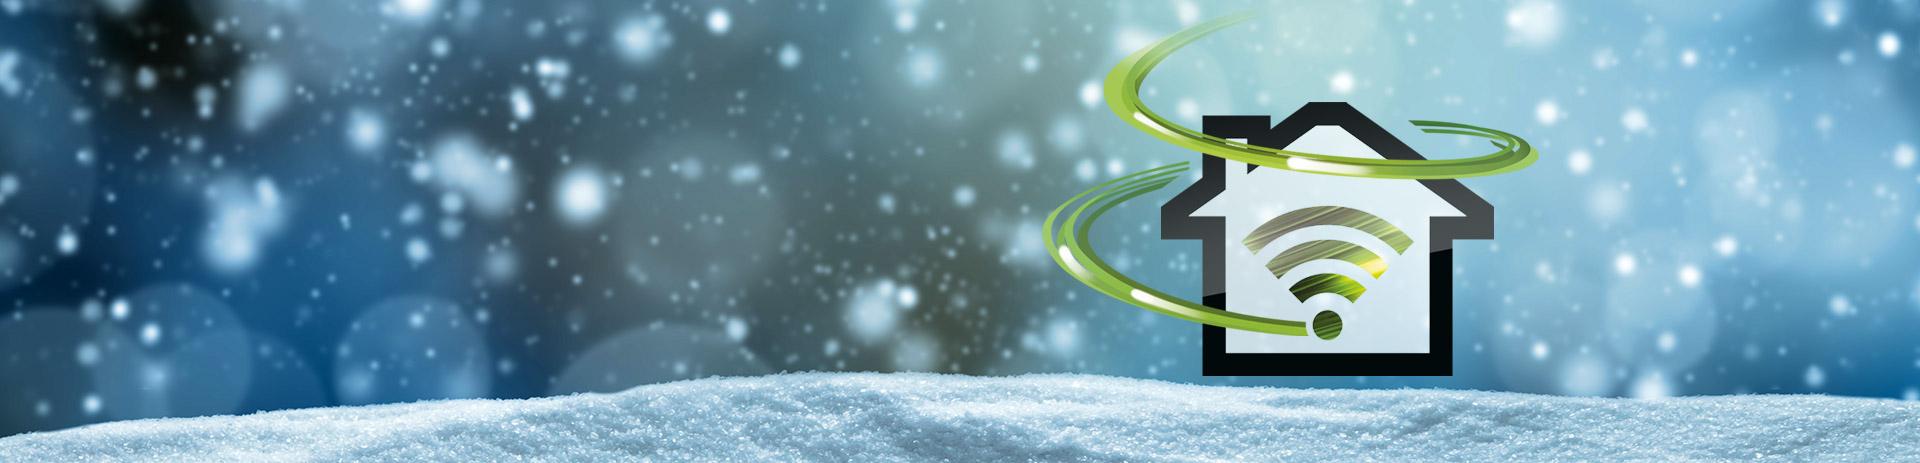 Symbol für Internet Power auf winterlichem Hintergrund